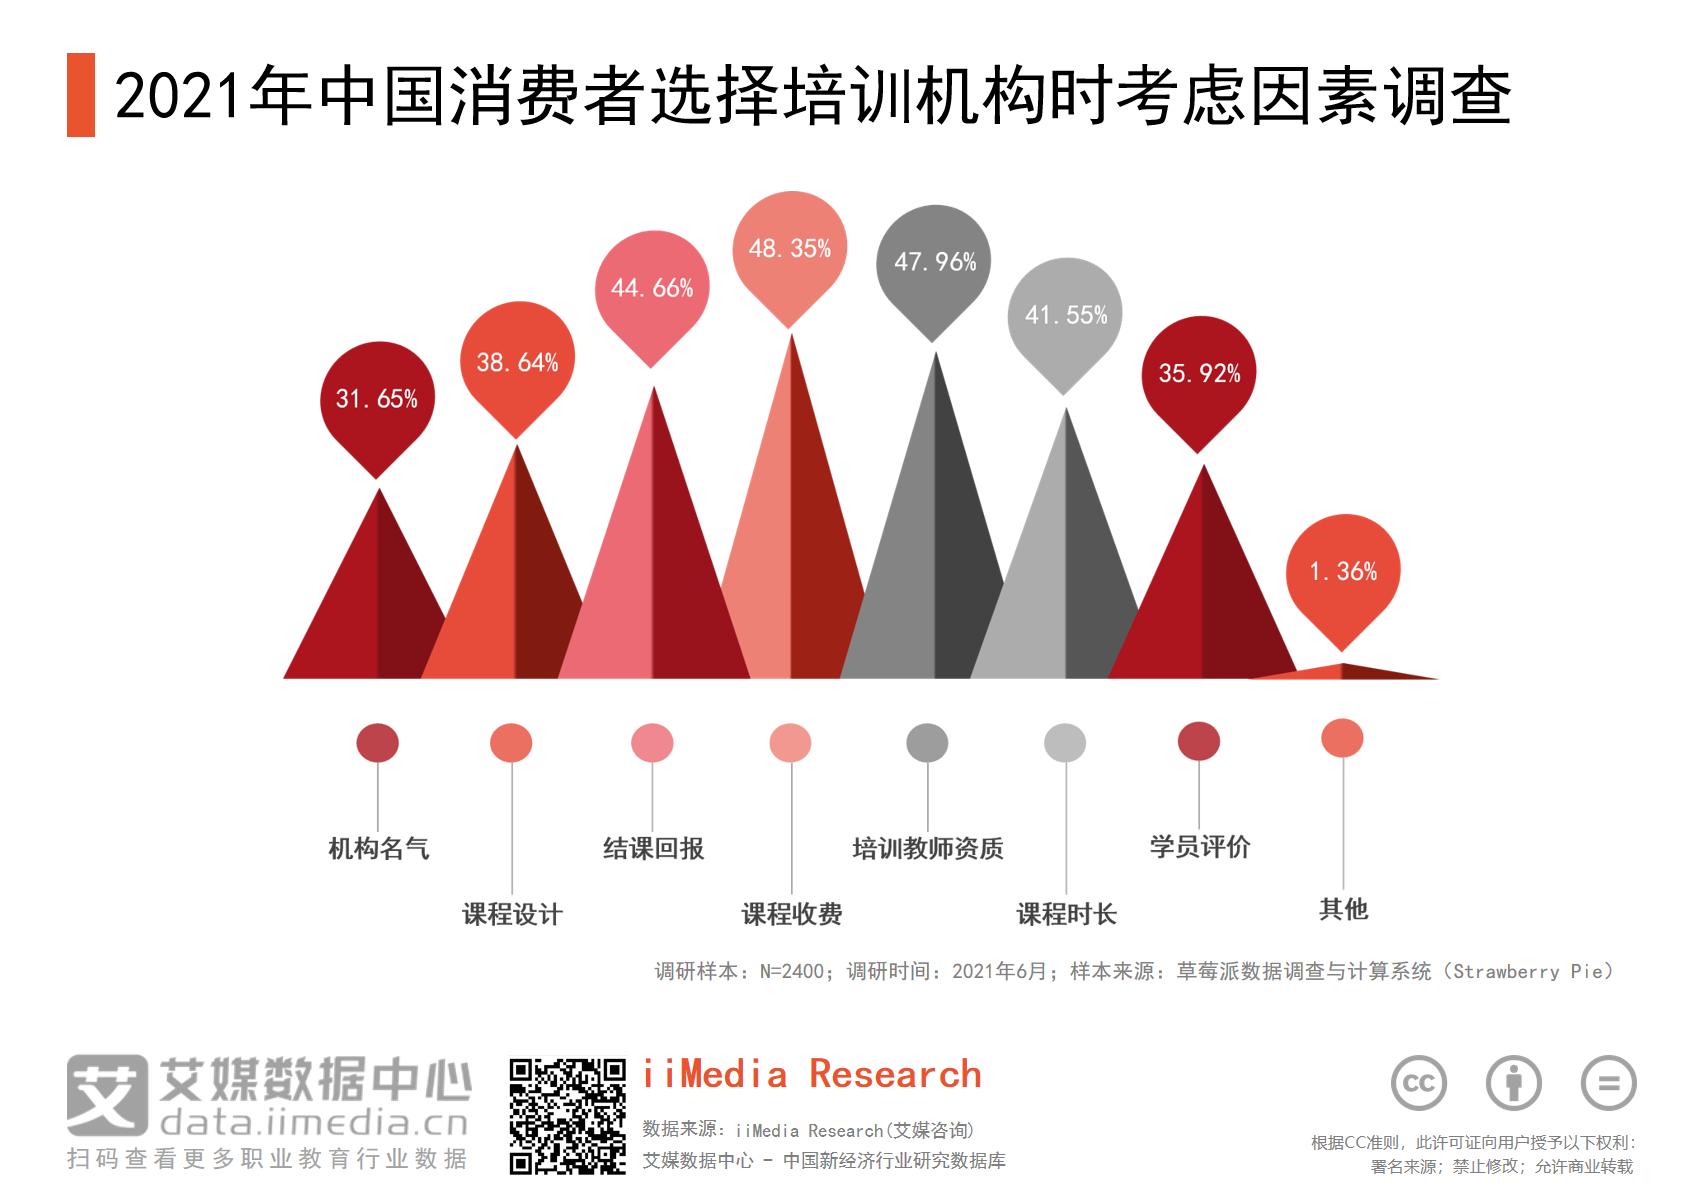 2021年中国消费者选择培训机构时考虑因素调查